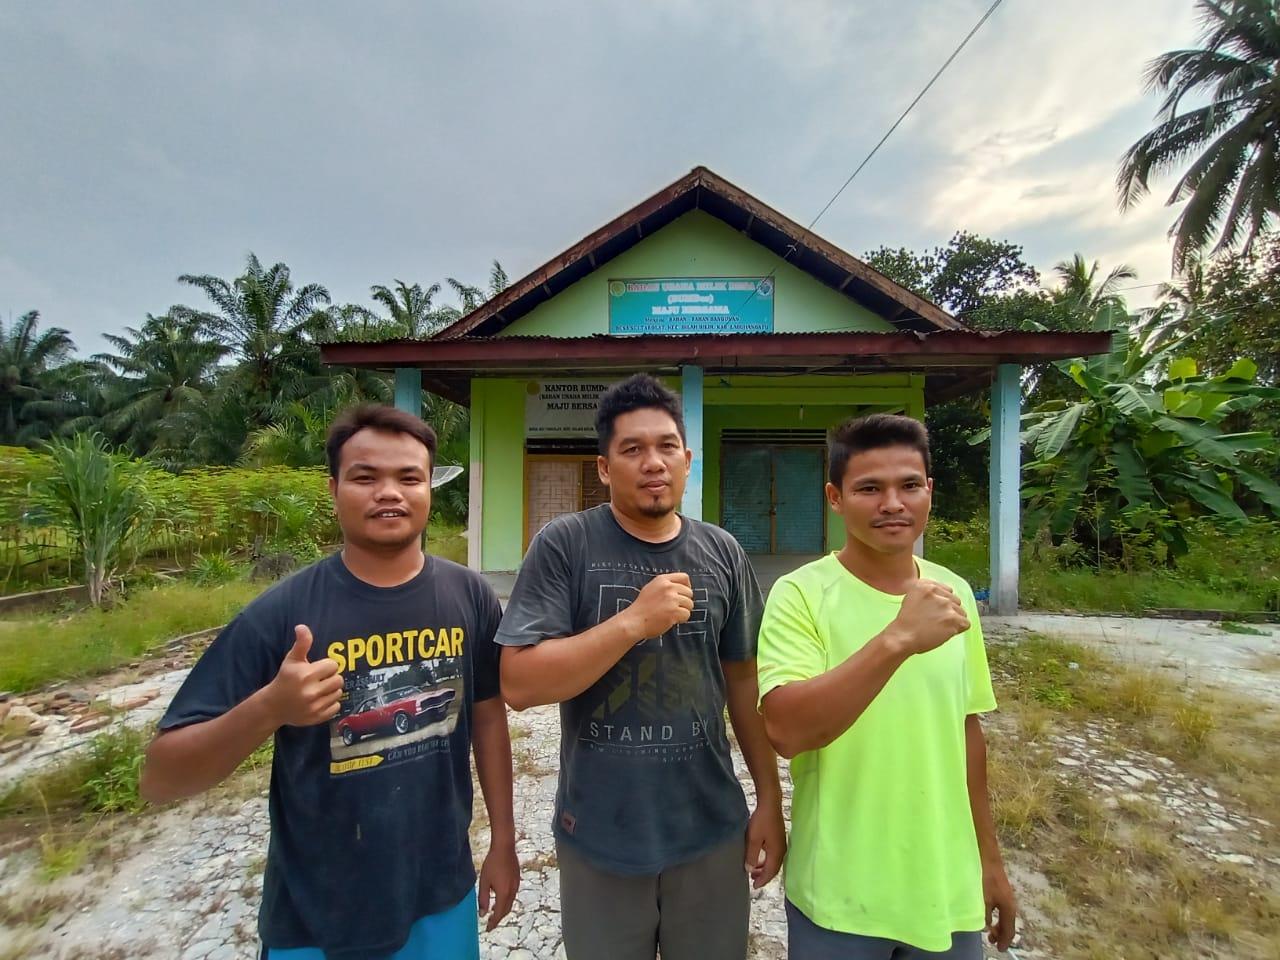 Forum Masyarakat Desa Sei Tarolat, Desak Inspektorat Labuhanbatu untuk Audit Bumdes Maju Bersama